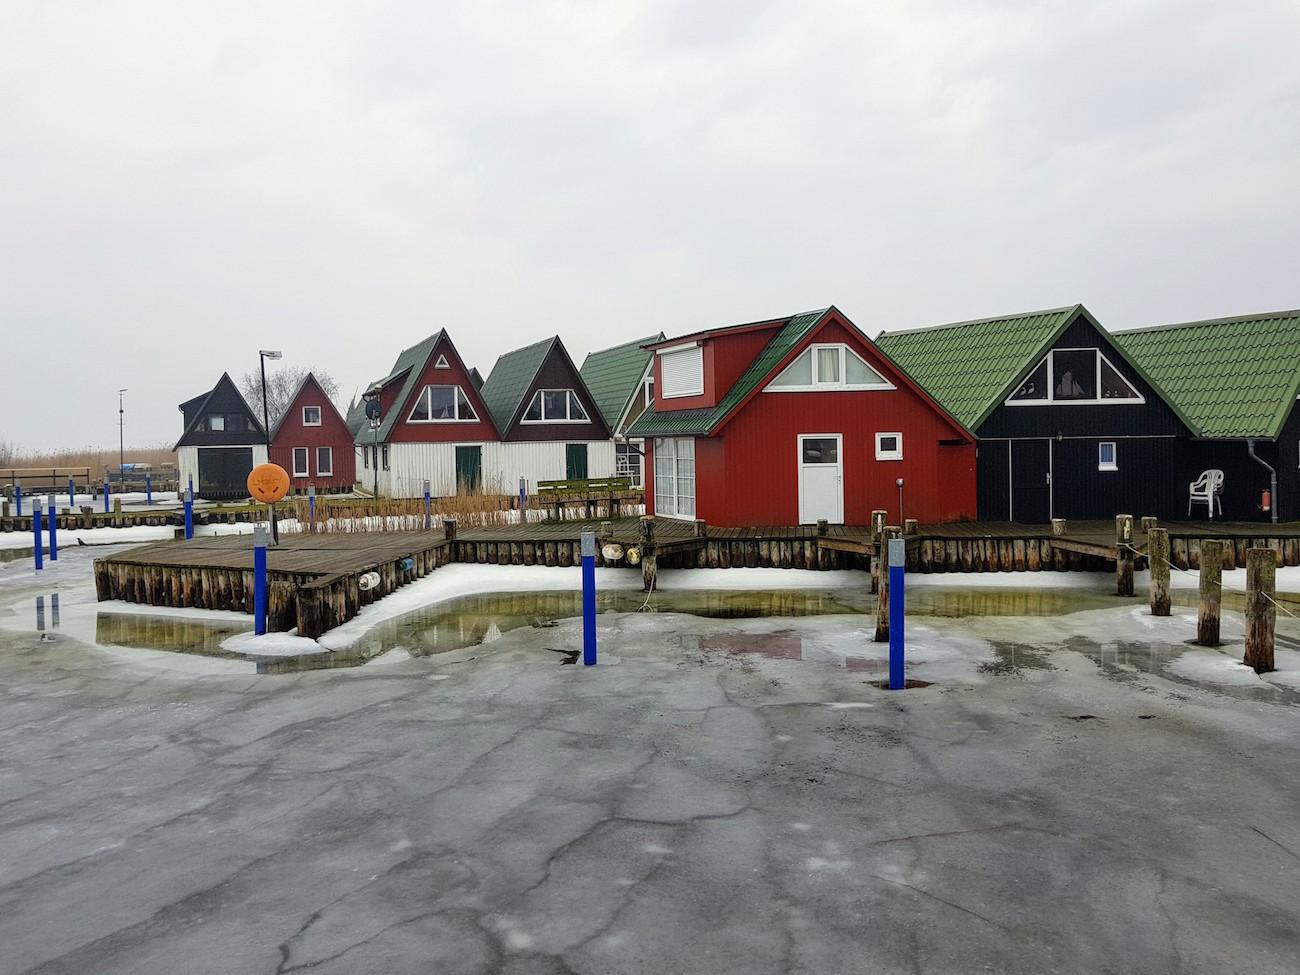 Der Hafen von Ahrenshoop liegt am Bodden und ist im Winter vereist